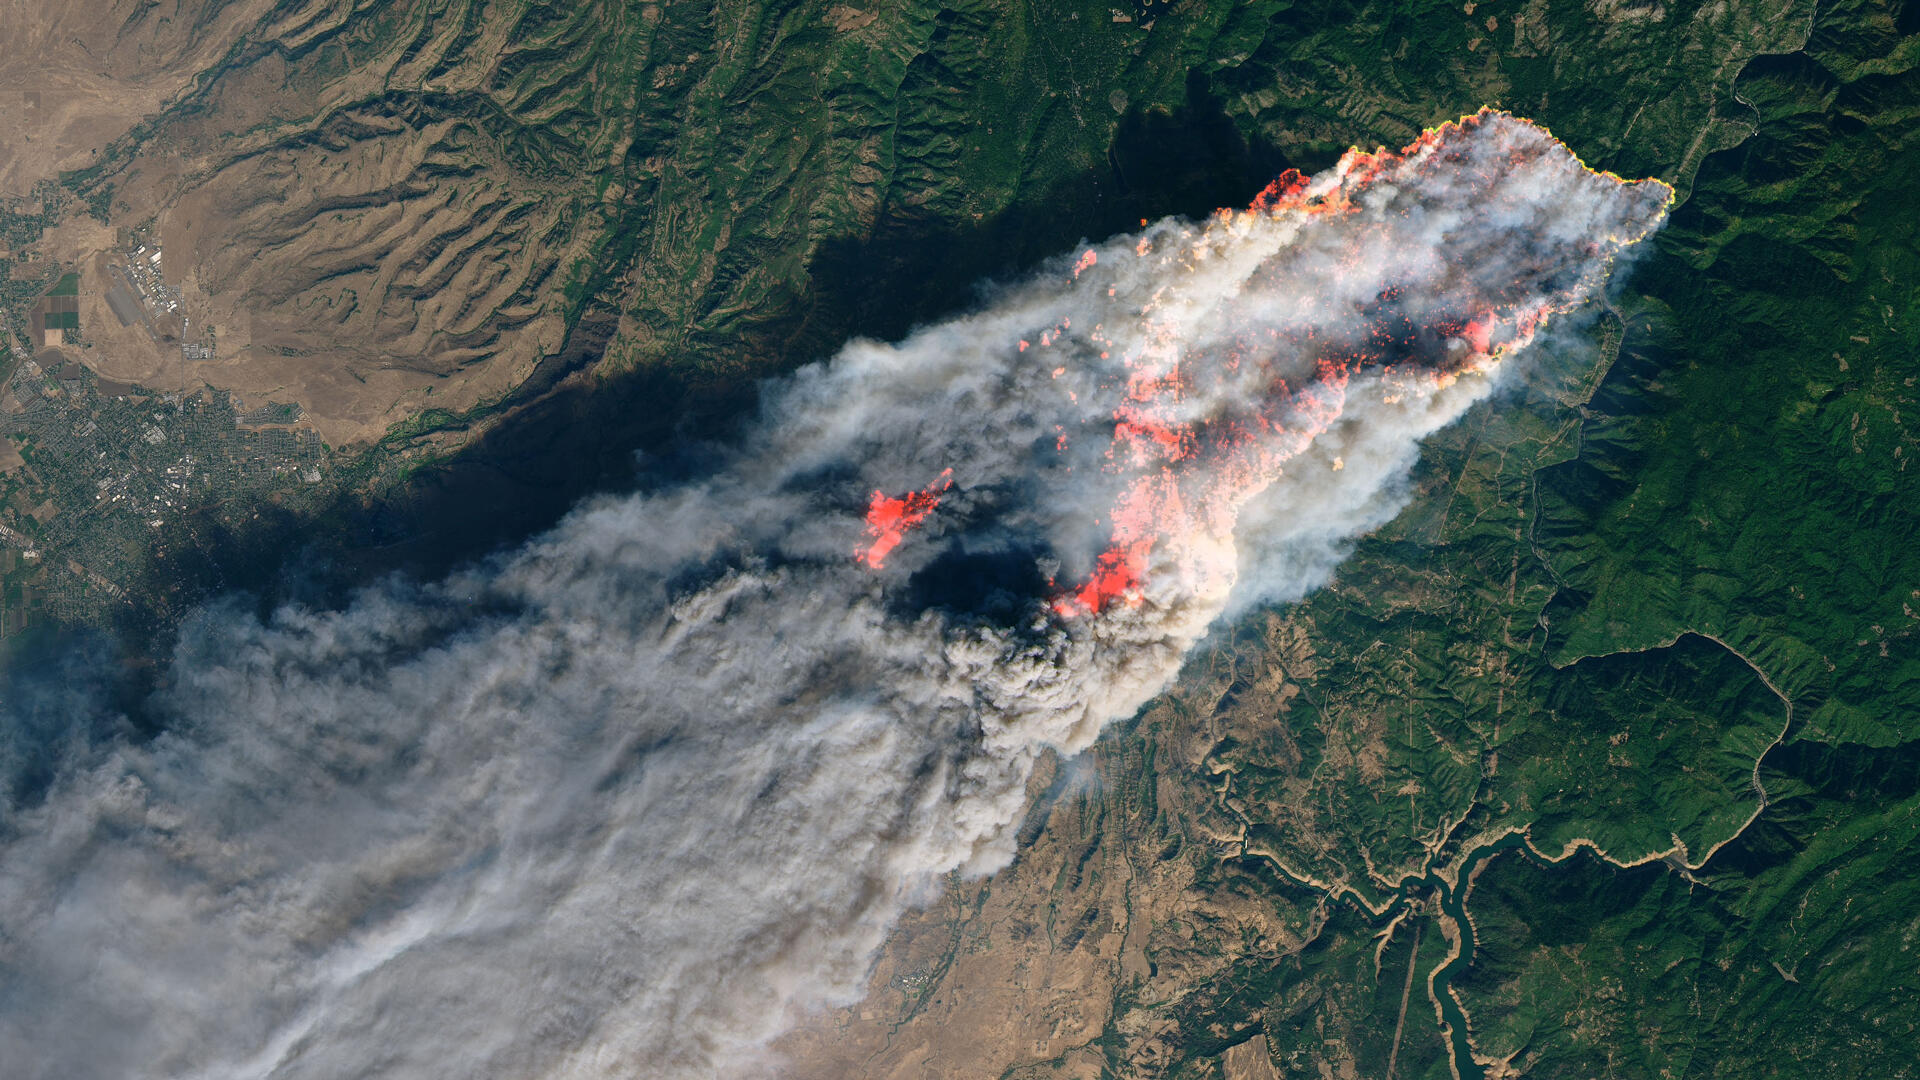 El gigantesco incendio bautizado como 'Camp Fire', en el norte de California (EE.UU.), es la conflagración más mortífera en la historia de ese estado: ya ha dejado al menos 48 víctimas mortales y un sinnúmero de pérdidas materiales.